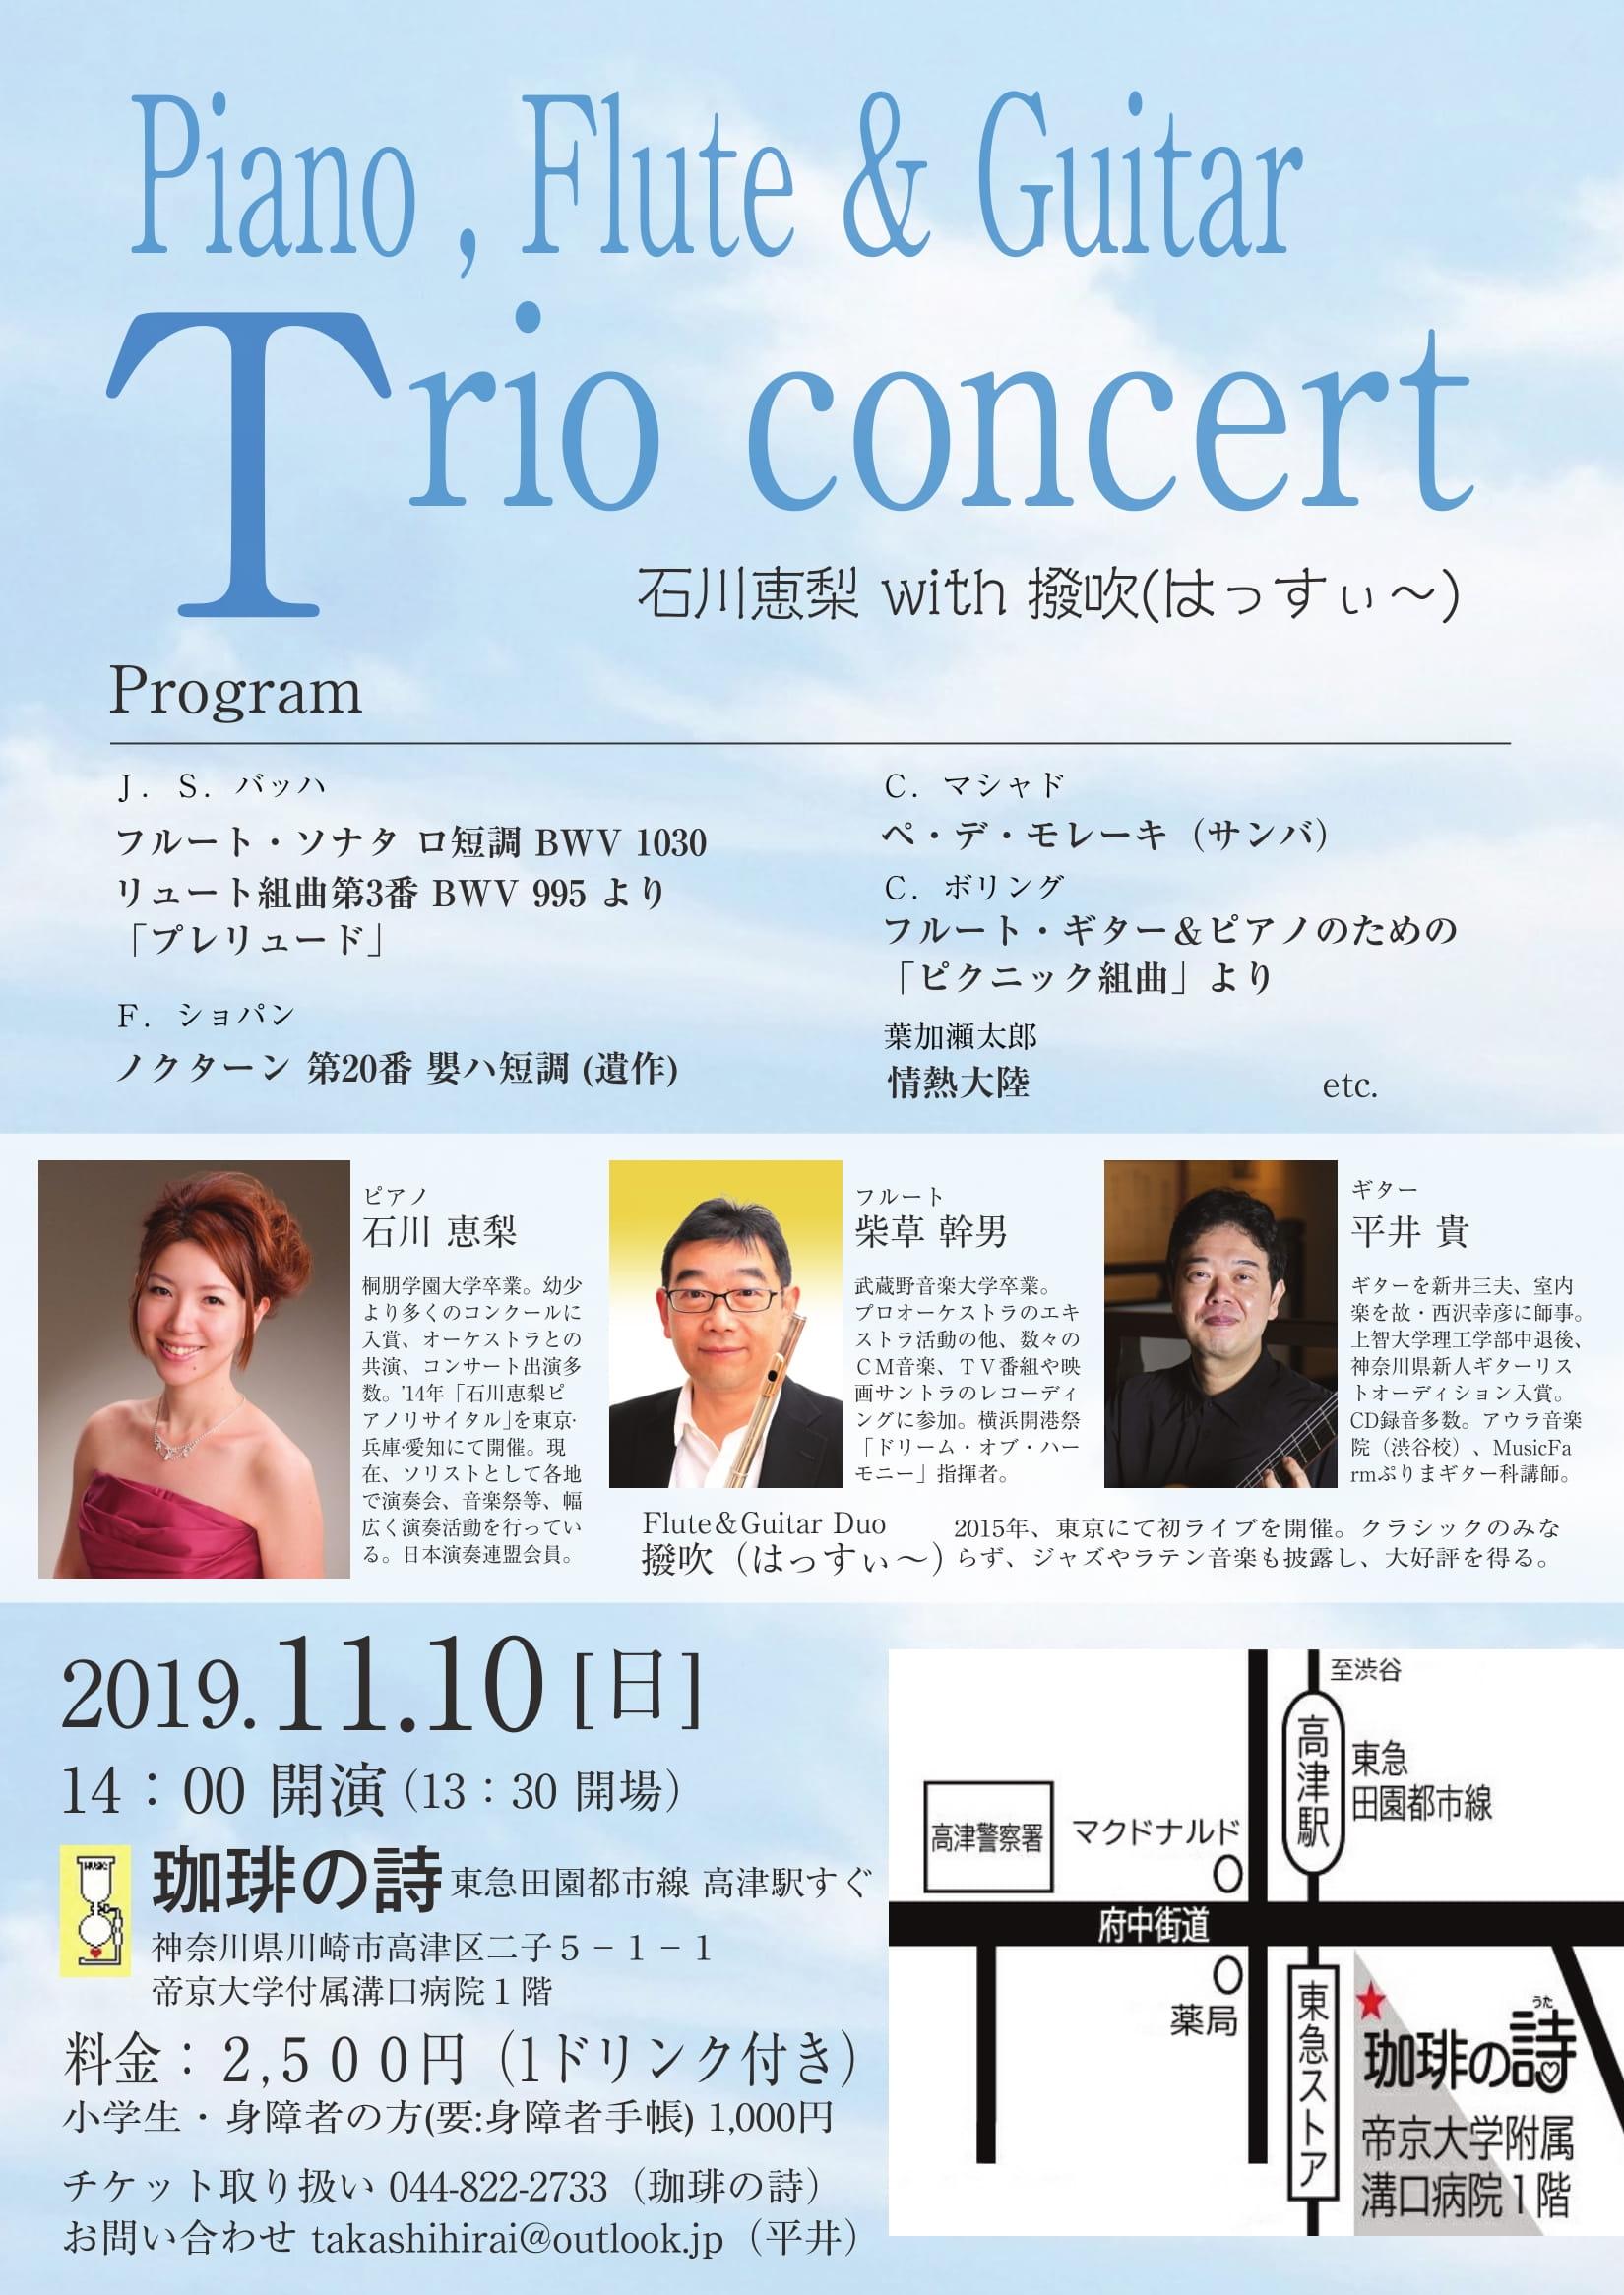 平井貴講師(渋谷教室担当)出演!「Piano , Flute and Guitar Trio concert ~石川恵梨 with 撥吹(はっすぃ~)~」2019年11月10日(日)